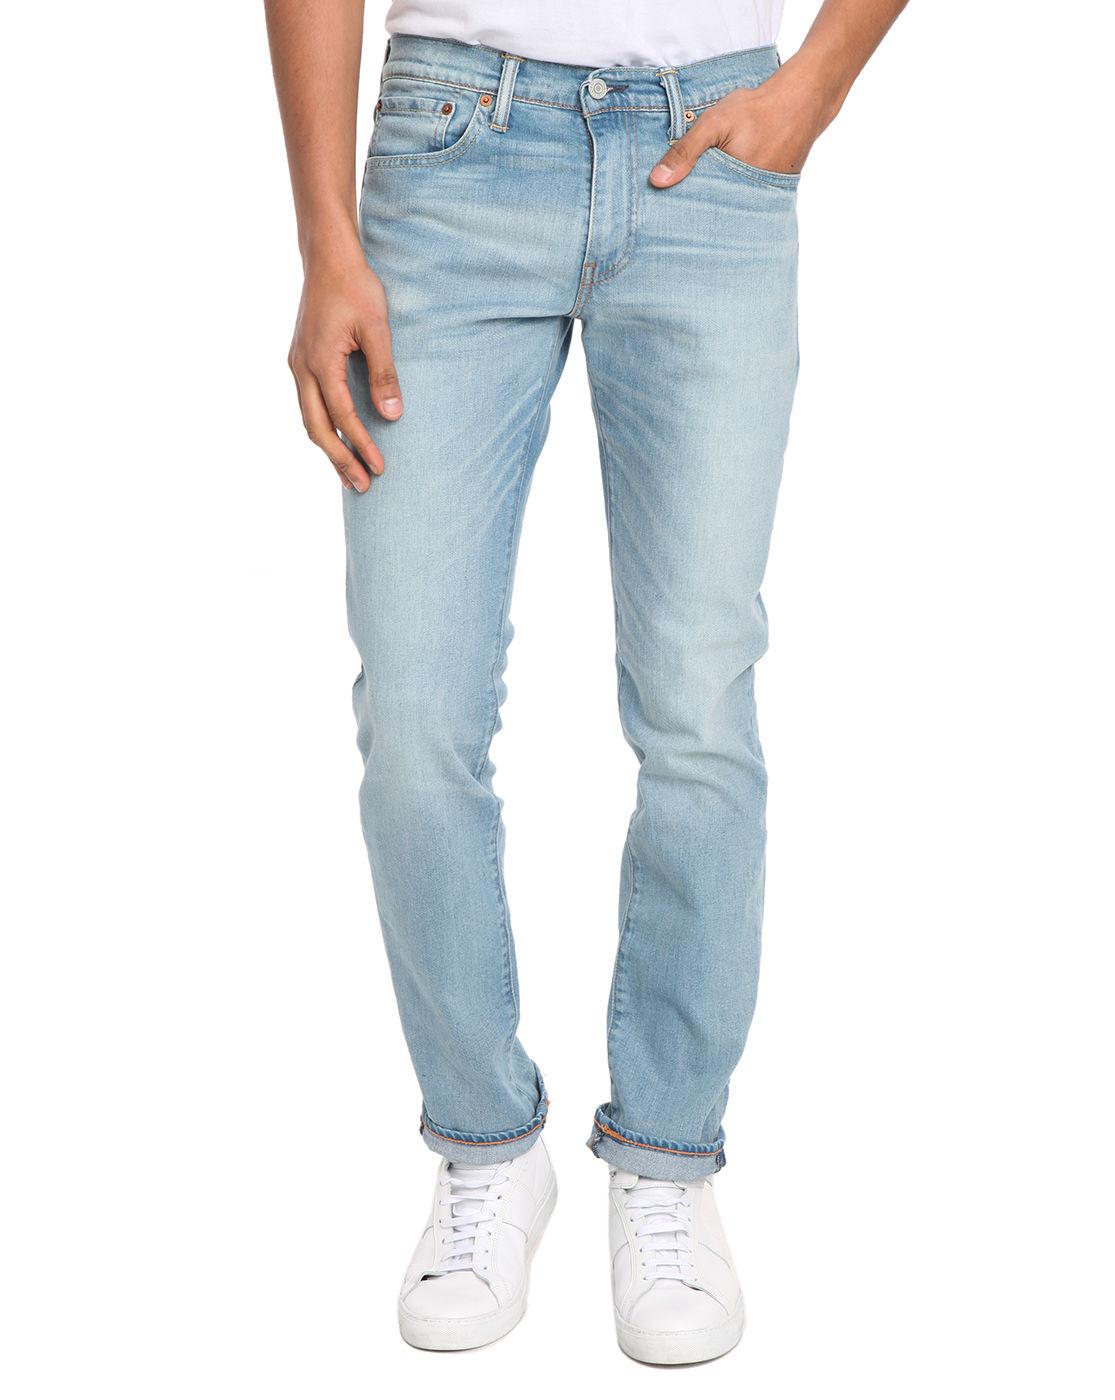 levi 39 s blue 511 slim fit light stone rinsed jean for men. Black Bedroom Furniture Sets. Home Design Ideas